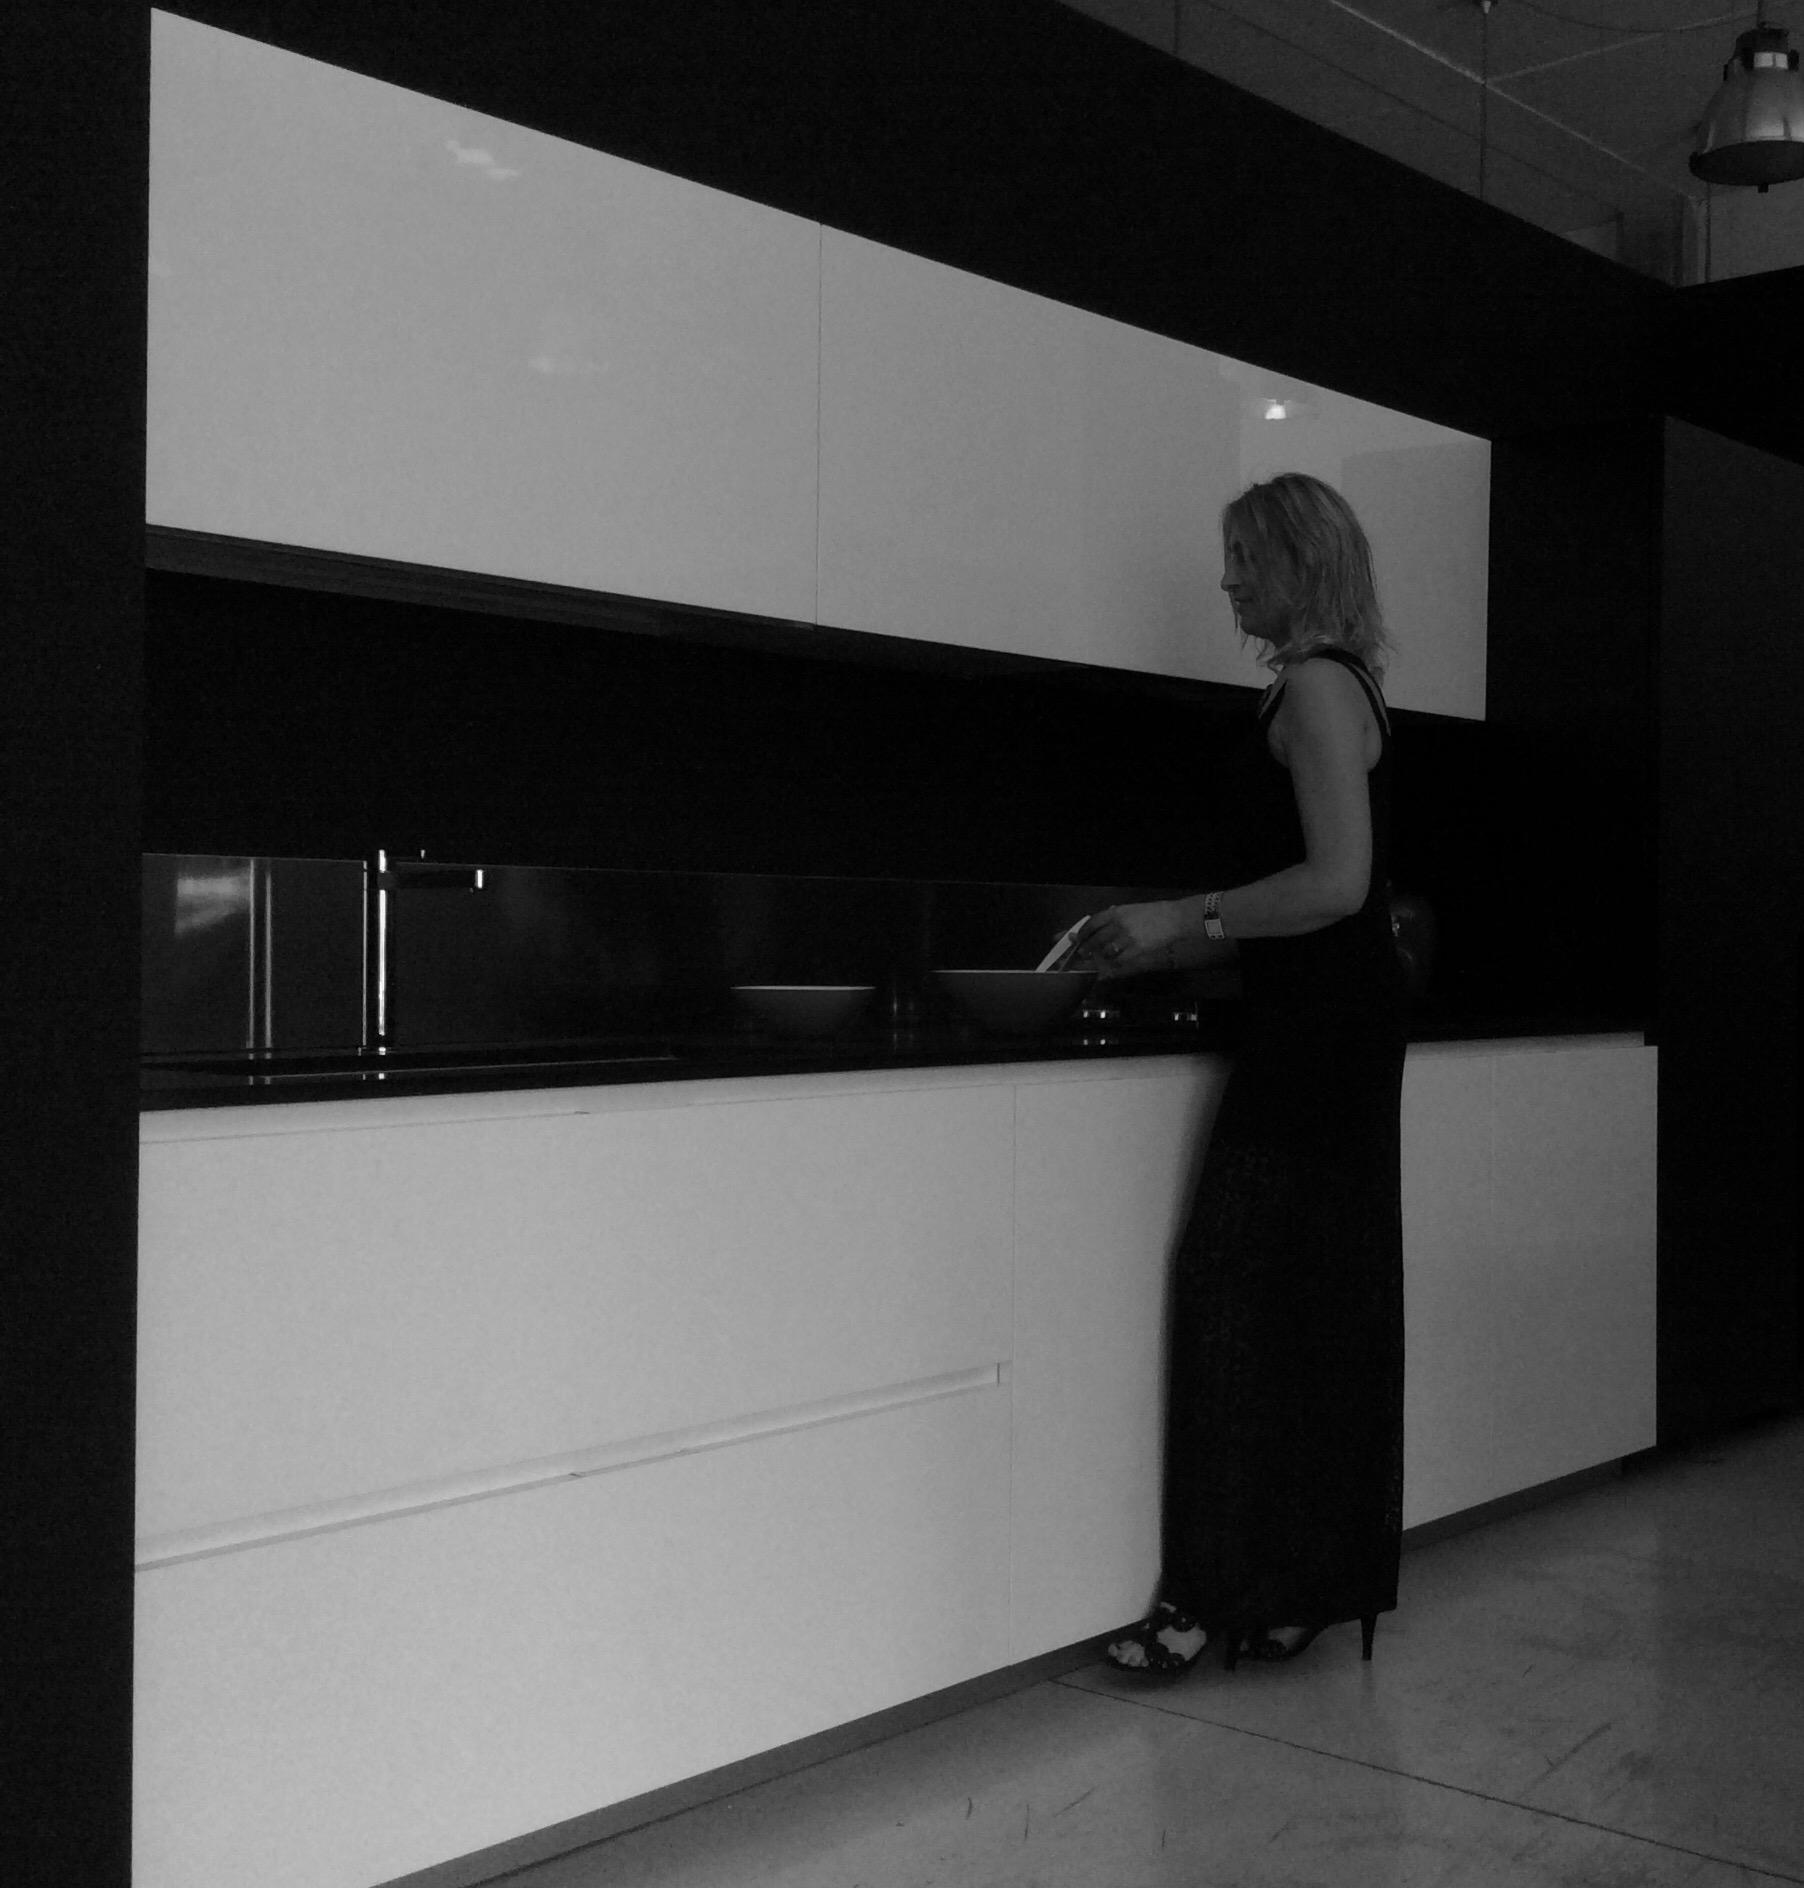 Cucina modulnova design laccato lucido bianca cucine a prezzi scontati - Cucina laccato bianco ...